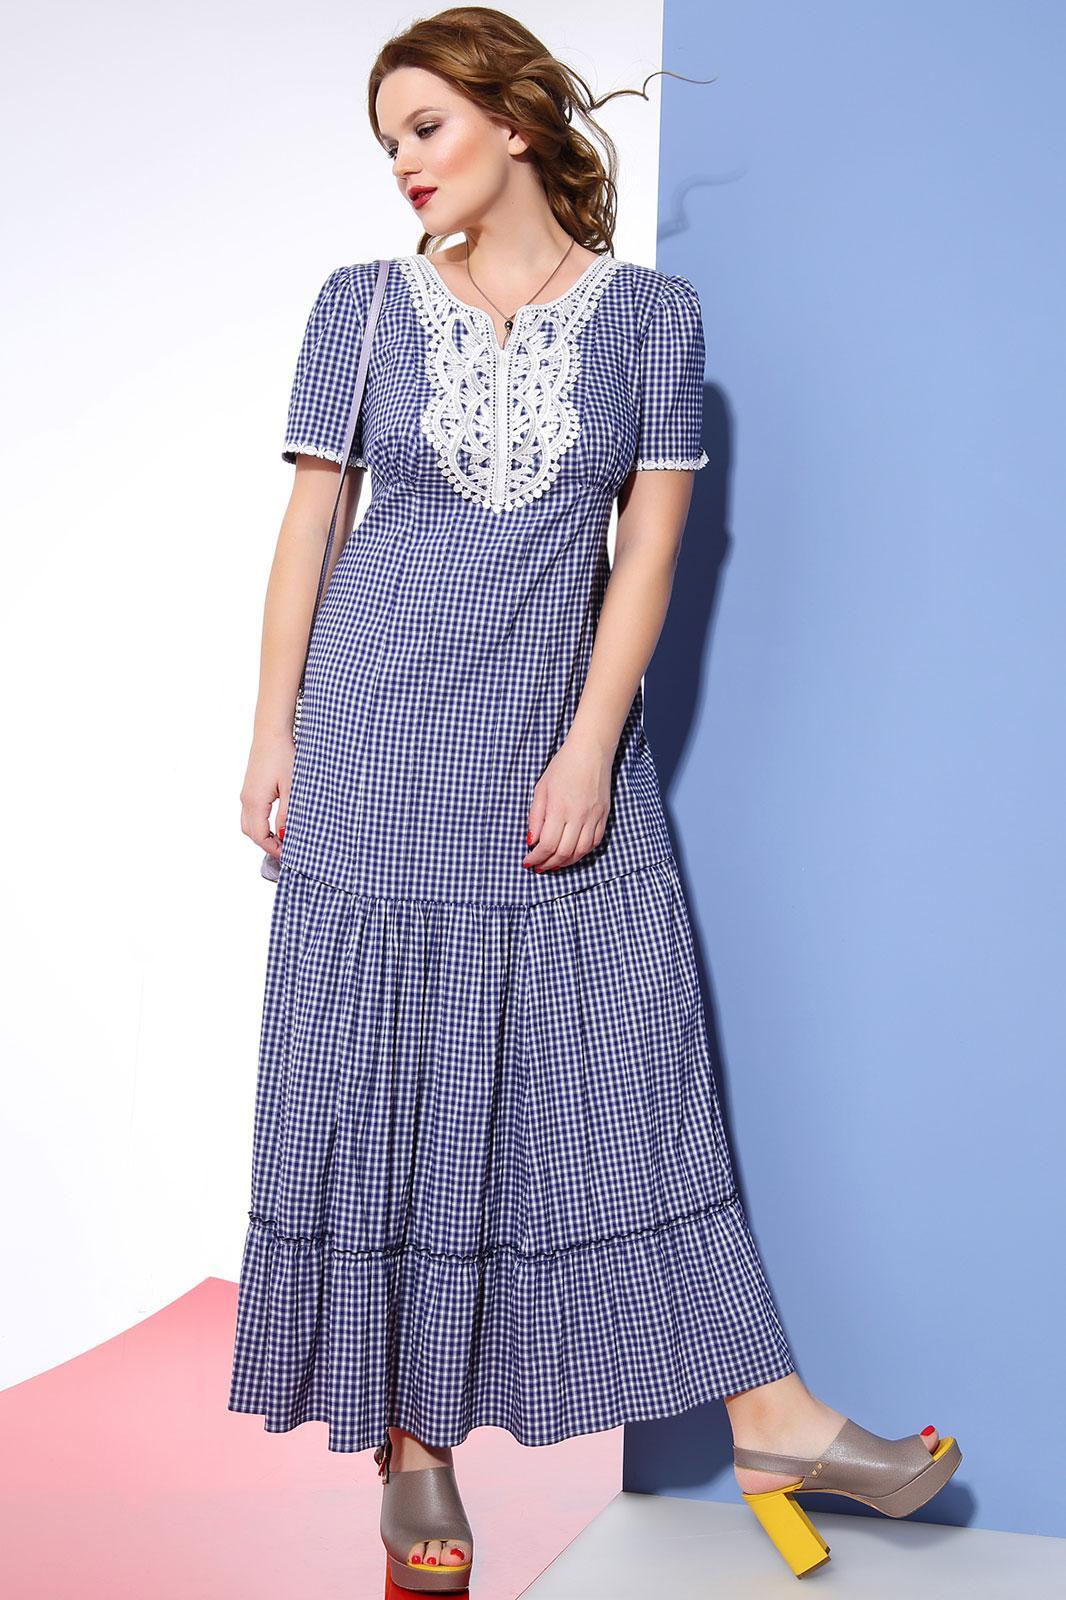 Хочу красивое трикотажное женское платье 52 размера